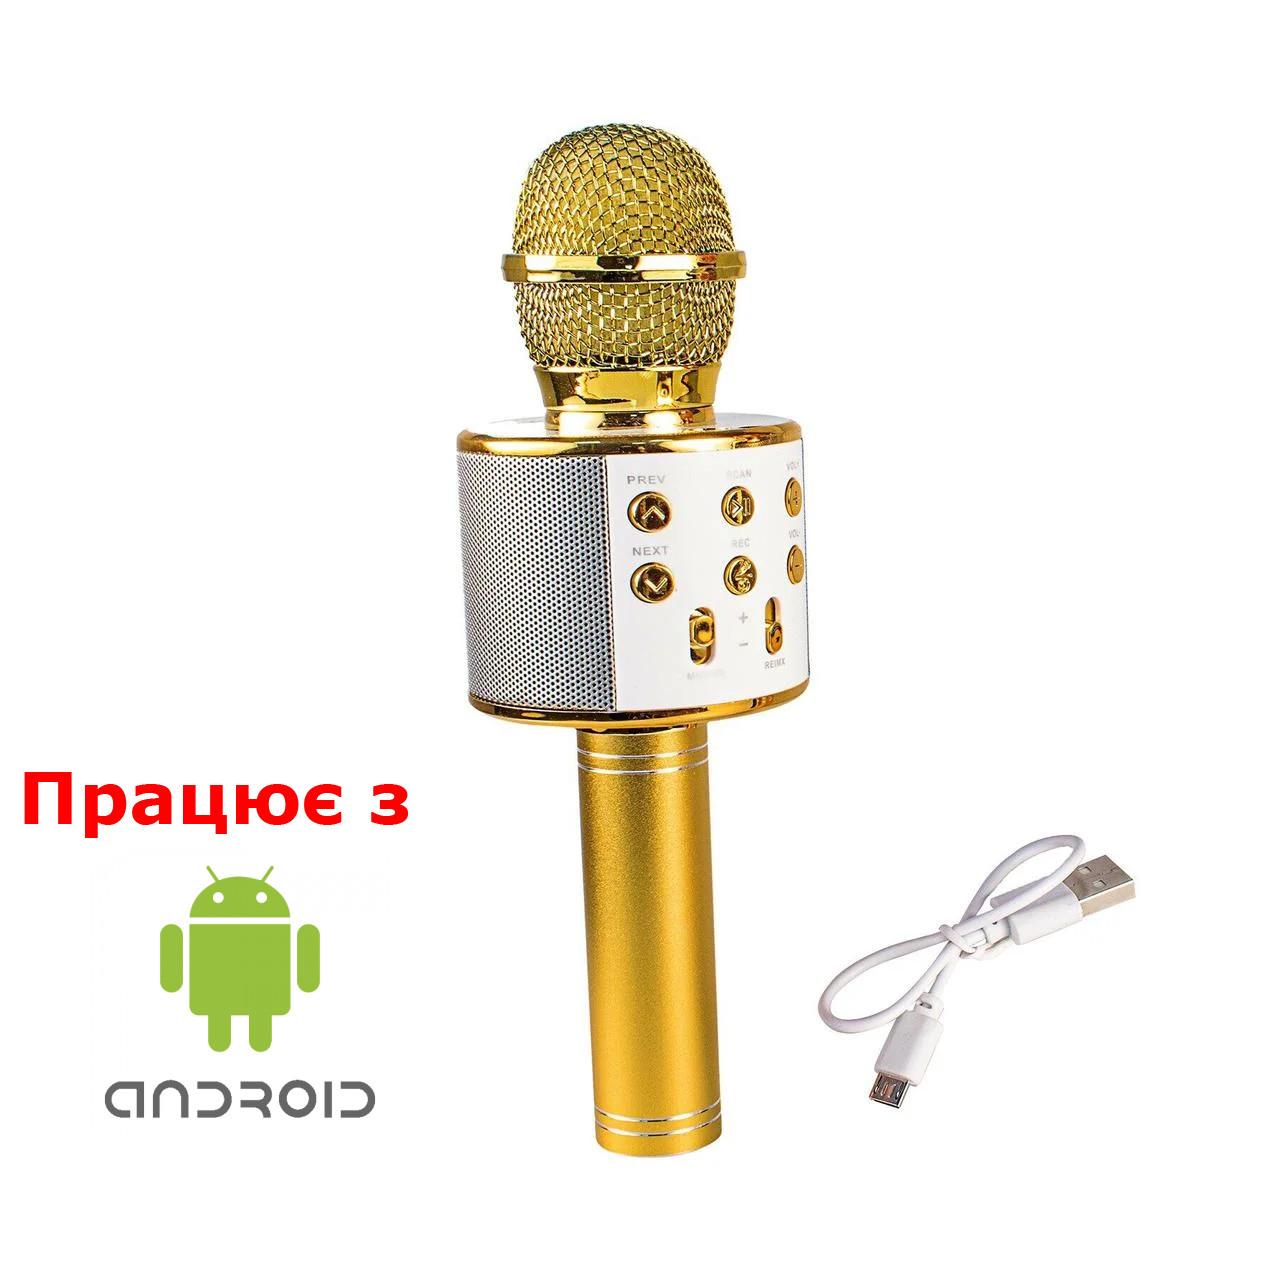 Детский микрофон с usb (караоке) золотой (WS-858-2)